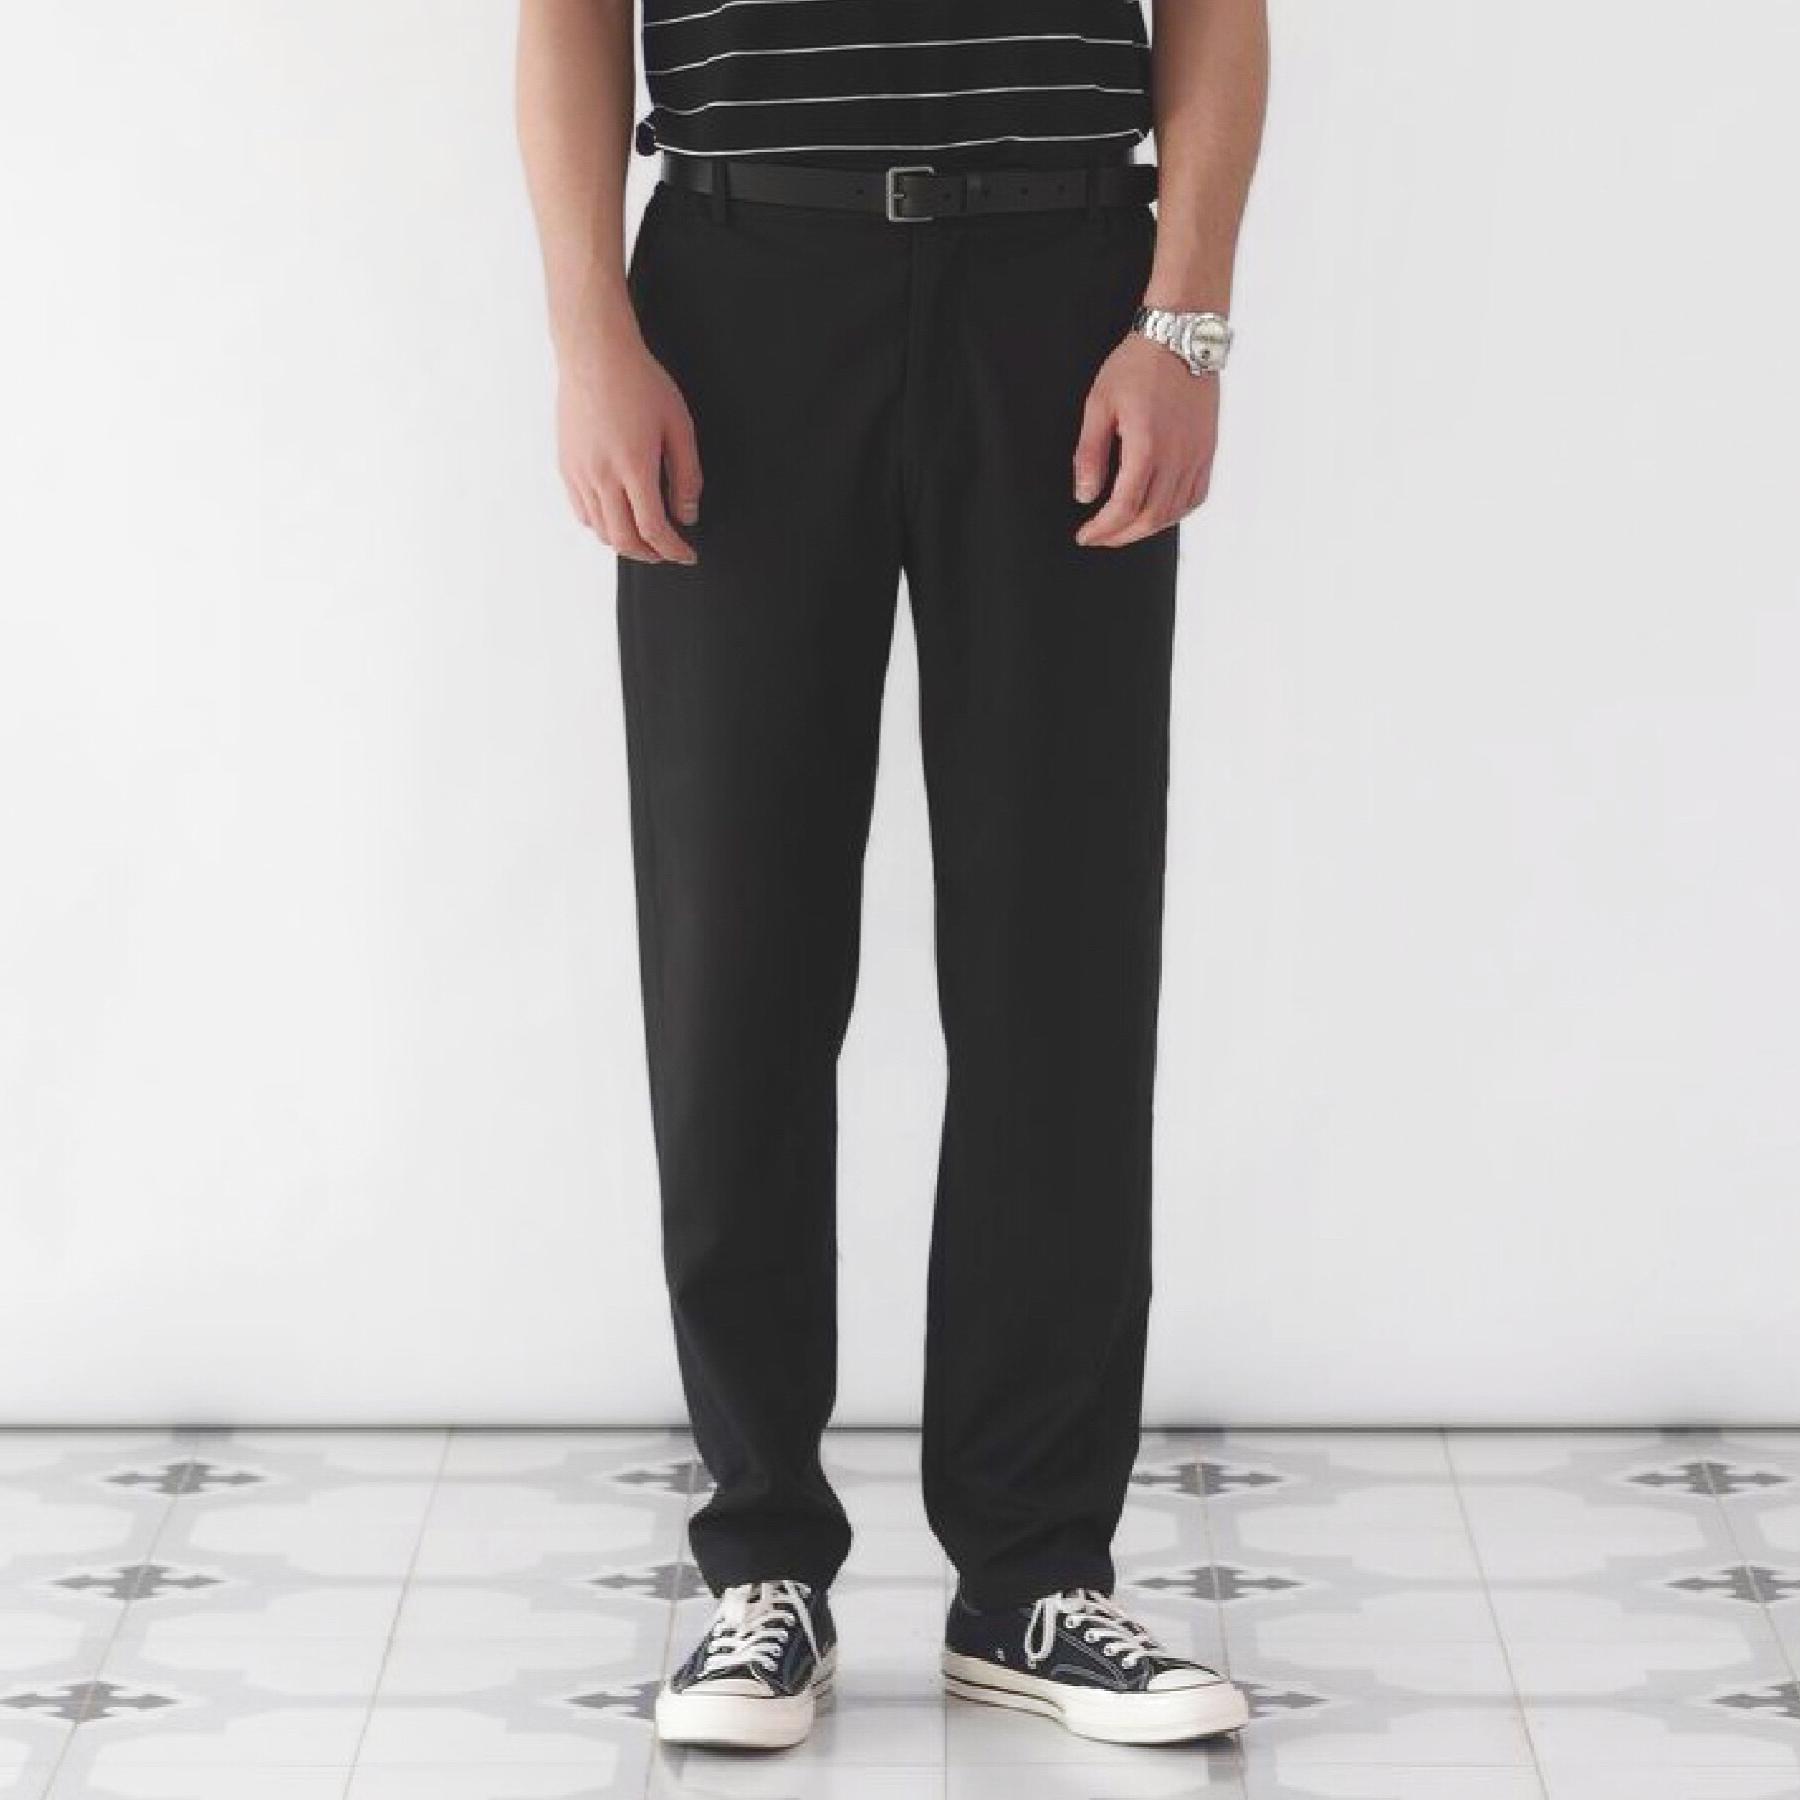 Мужские шорты / Повседневные брюки Артикул 546607391010